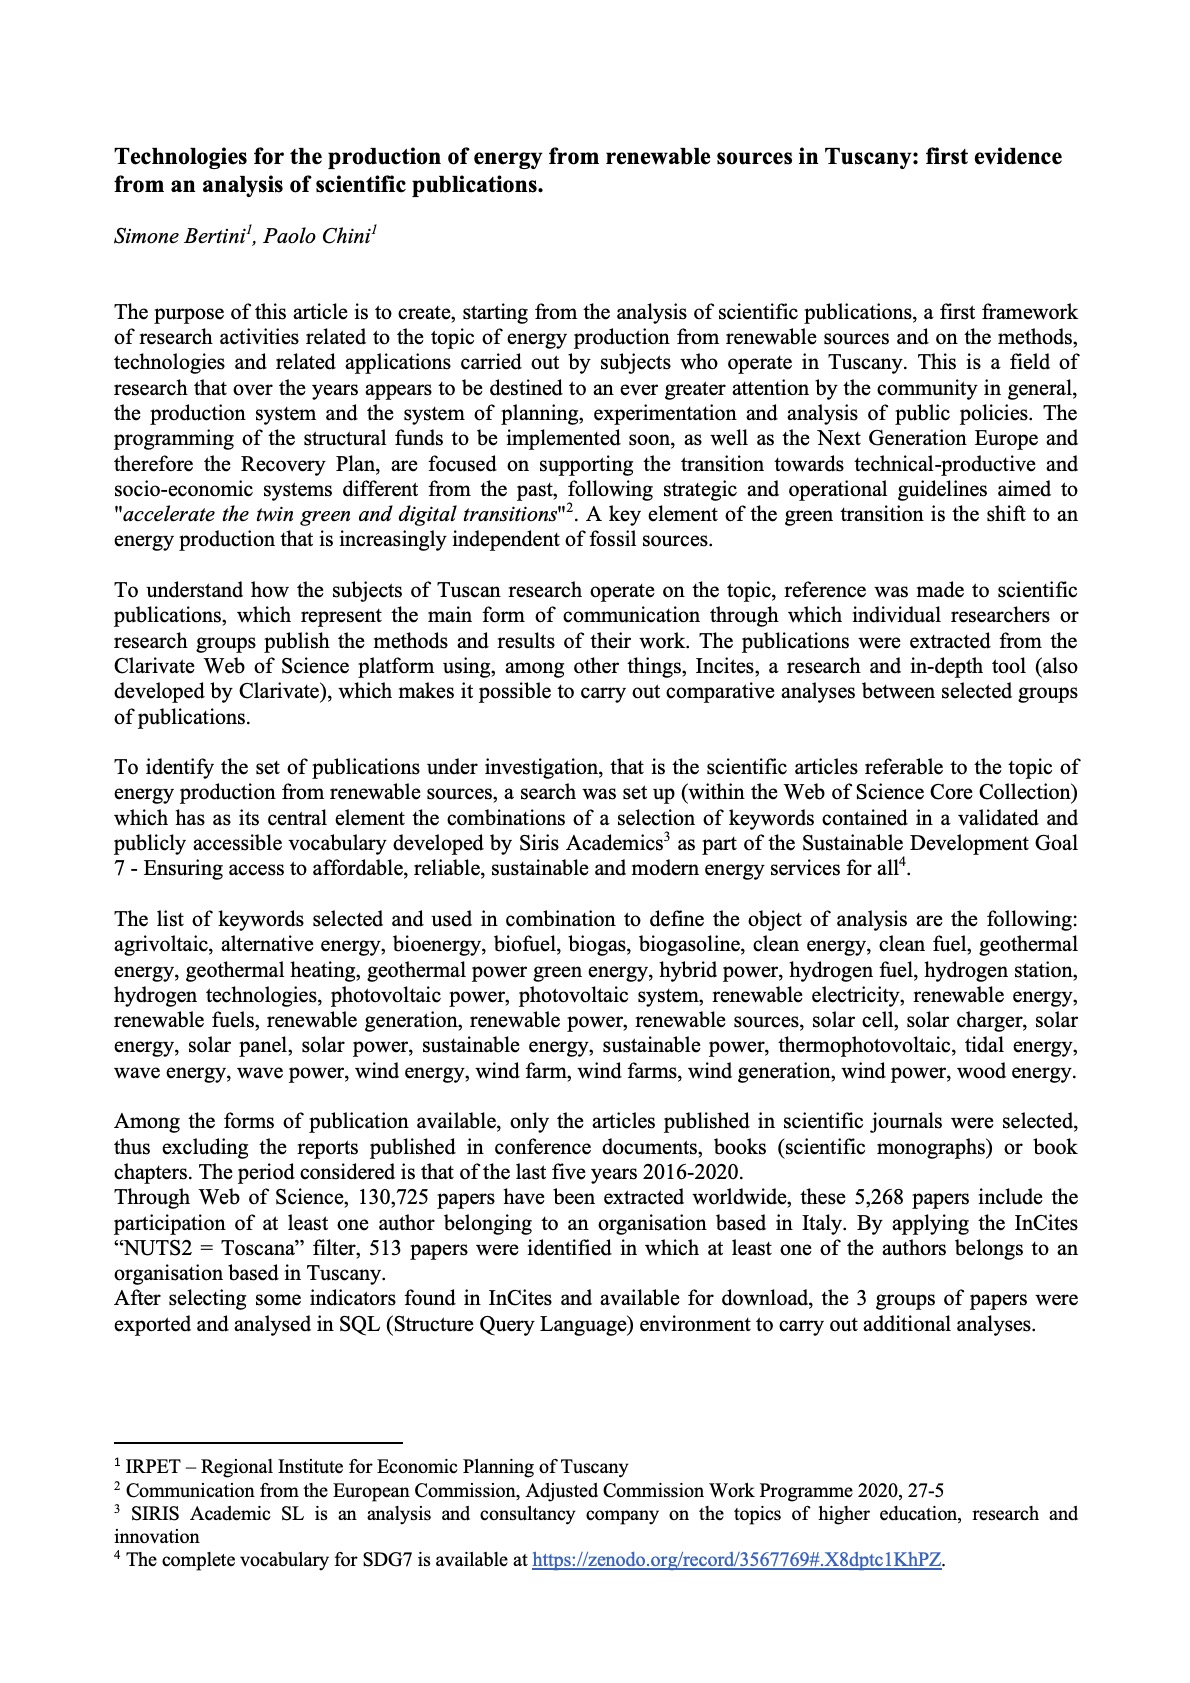 La ricerca sui Beni Culturali in Toscana - ambiti di ricerca e analisi delle competenze